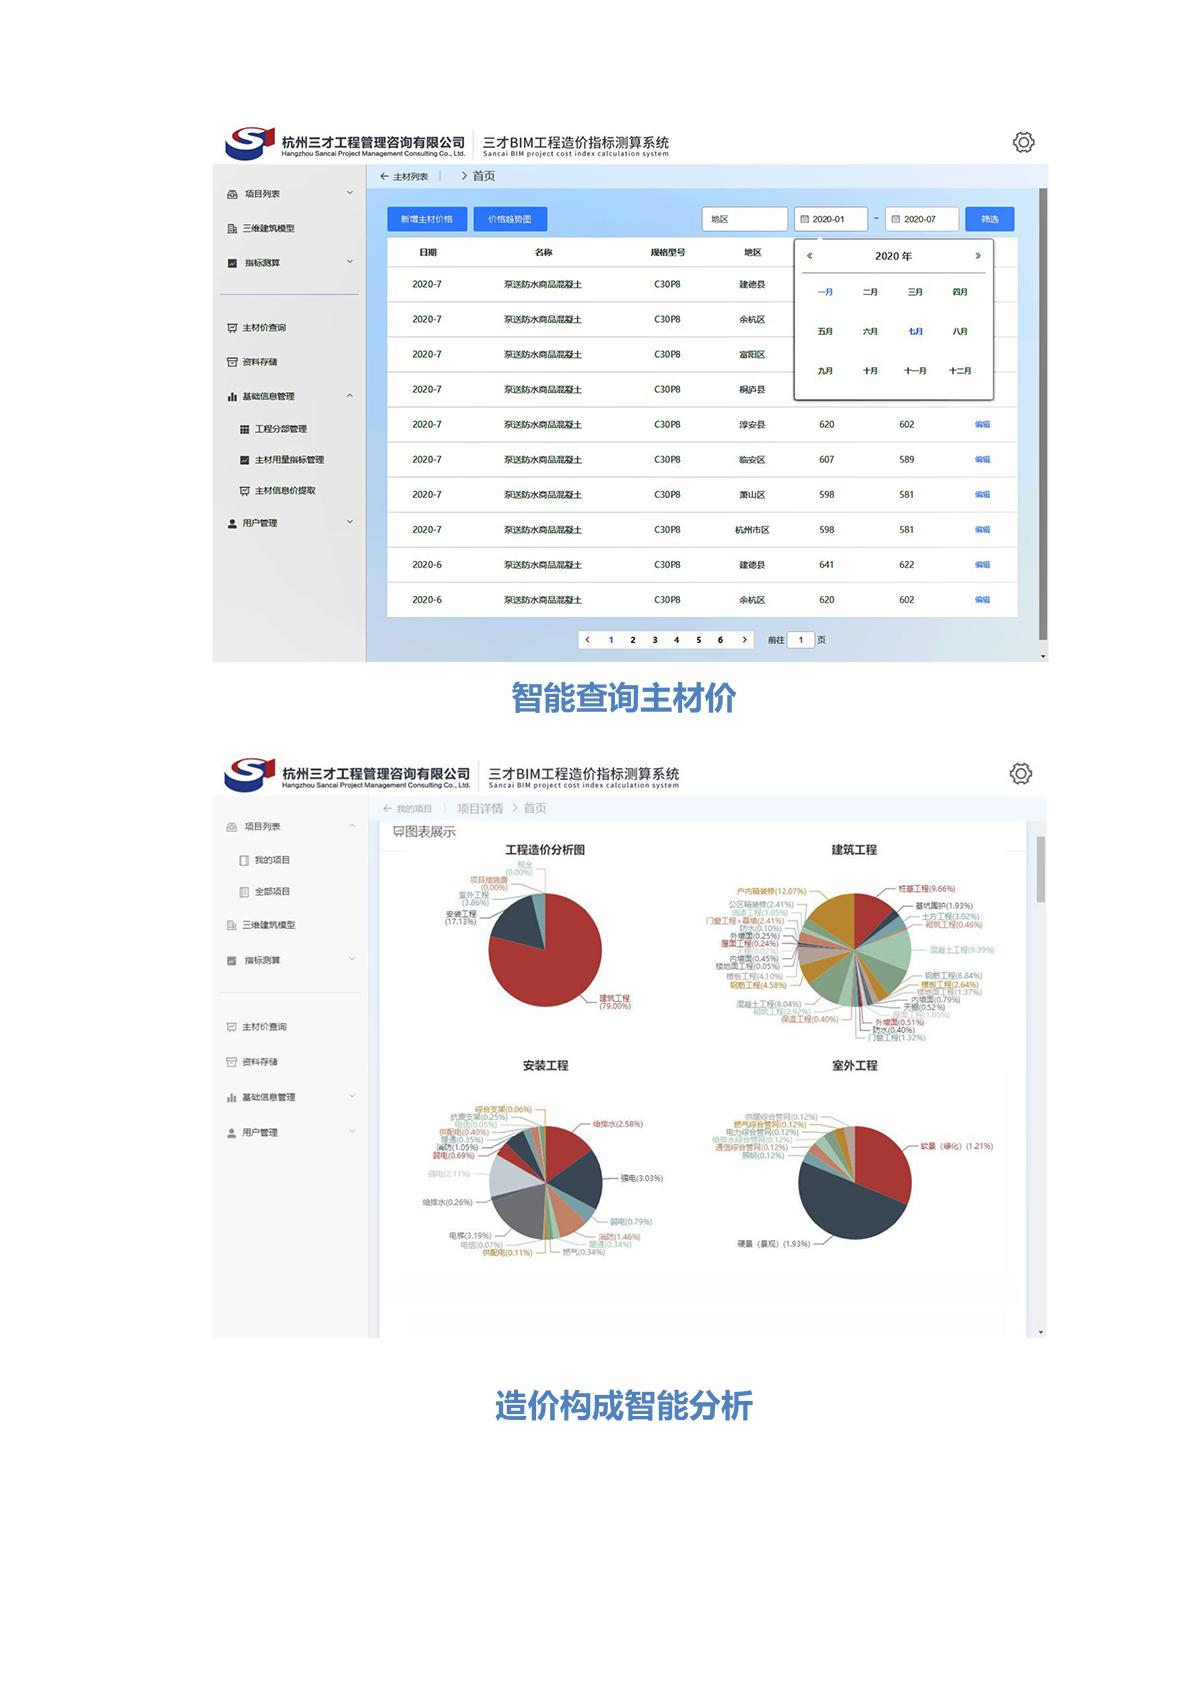 BIM+工程造價_20200731153753-5.jpg